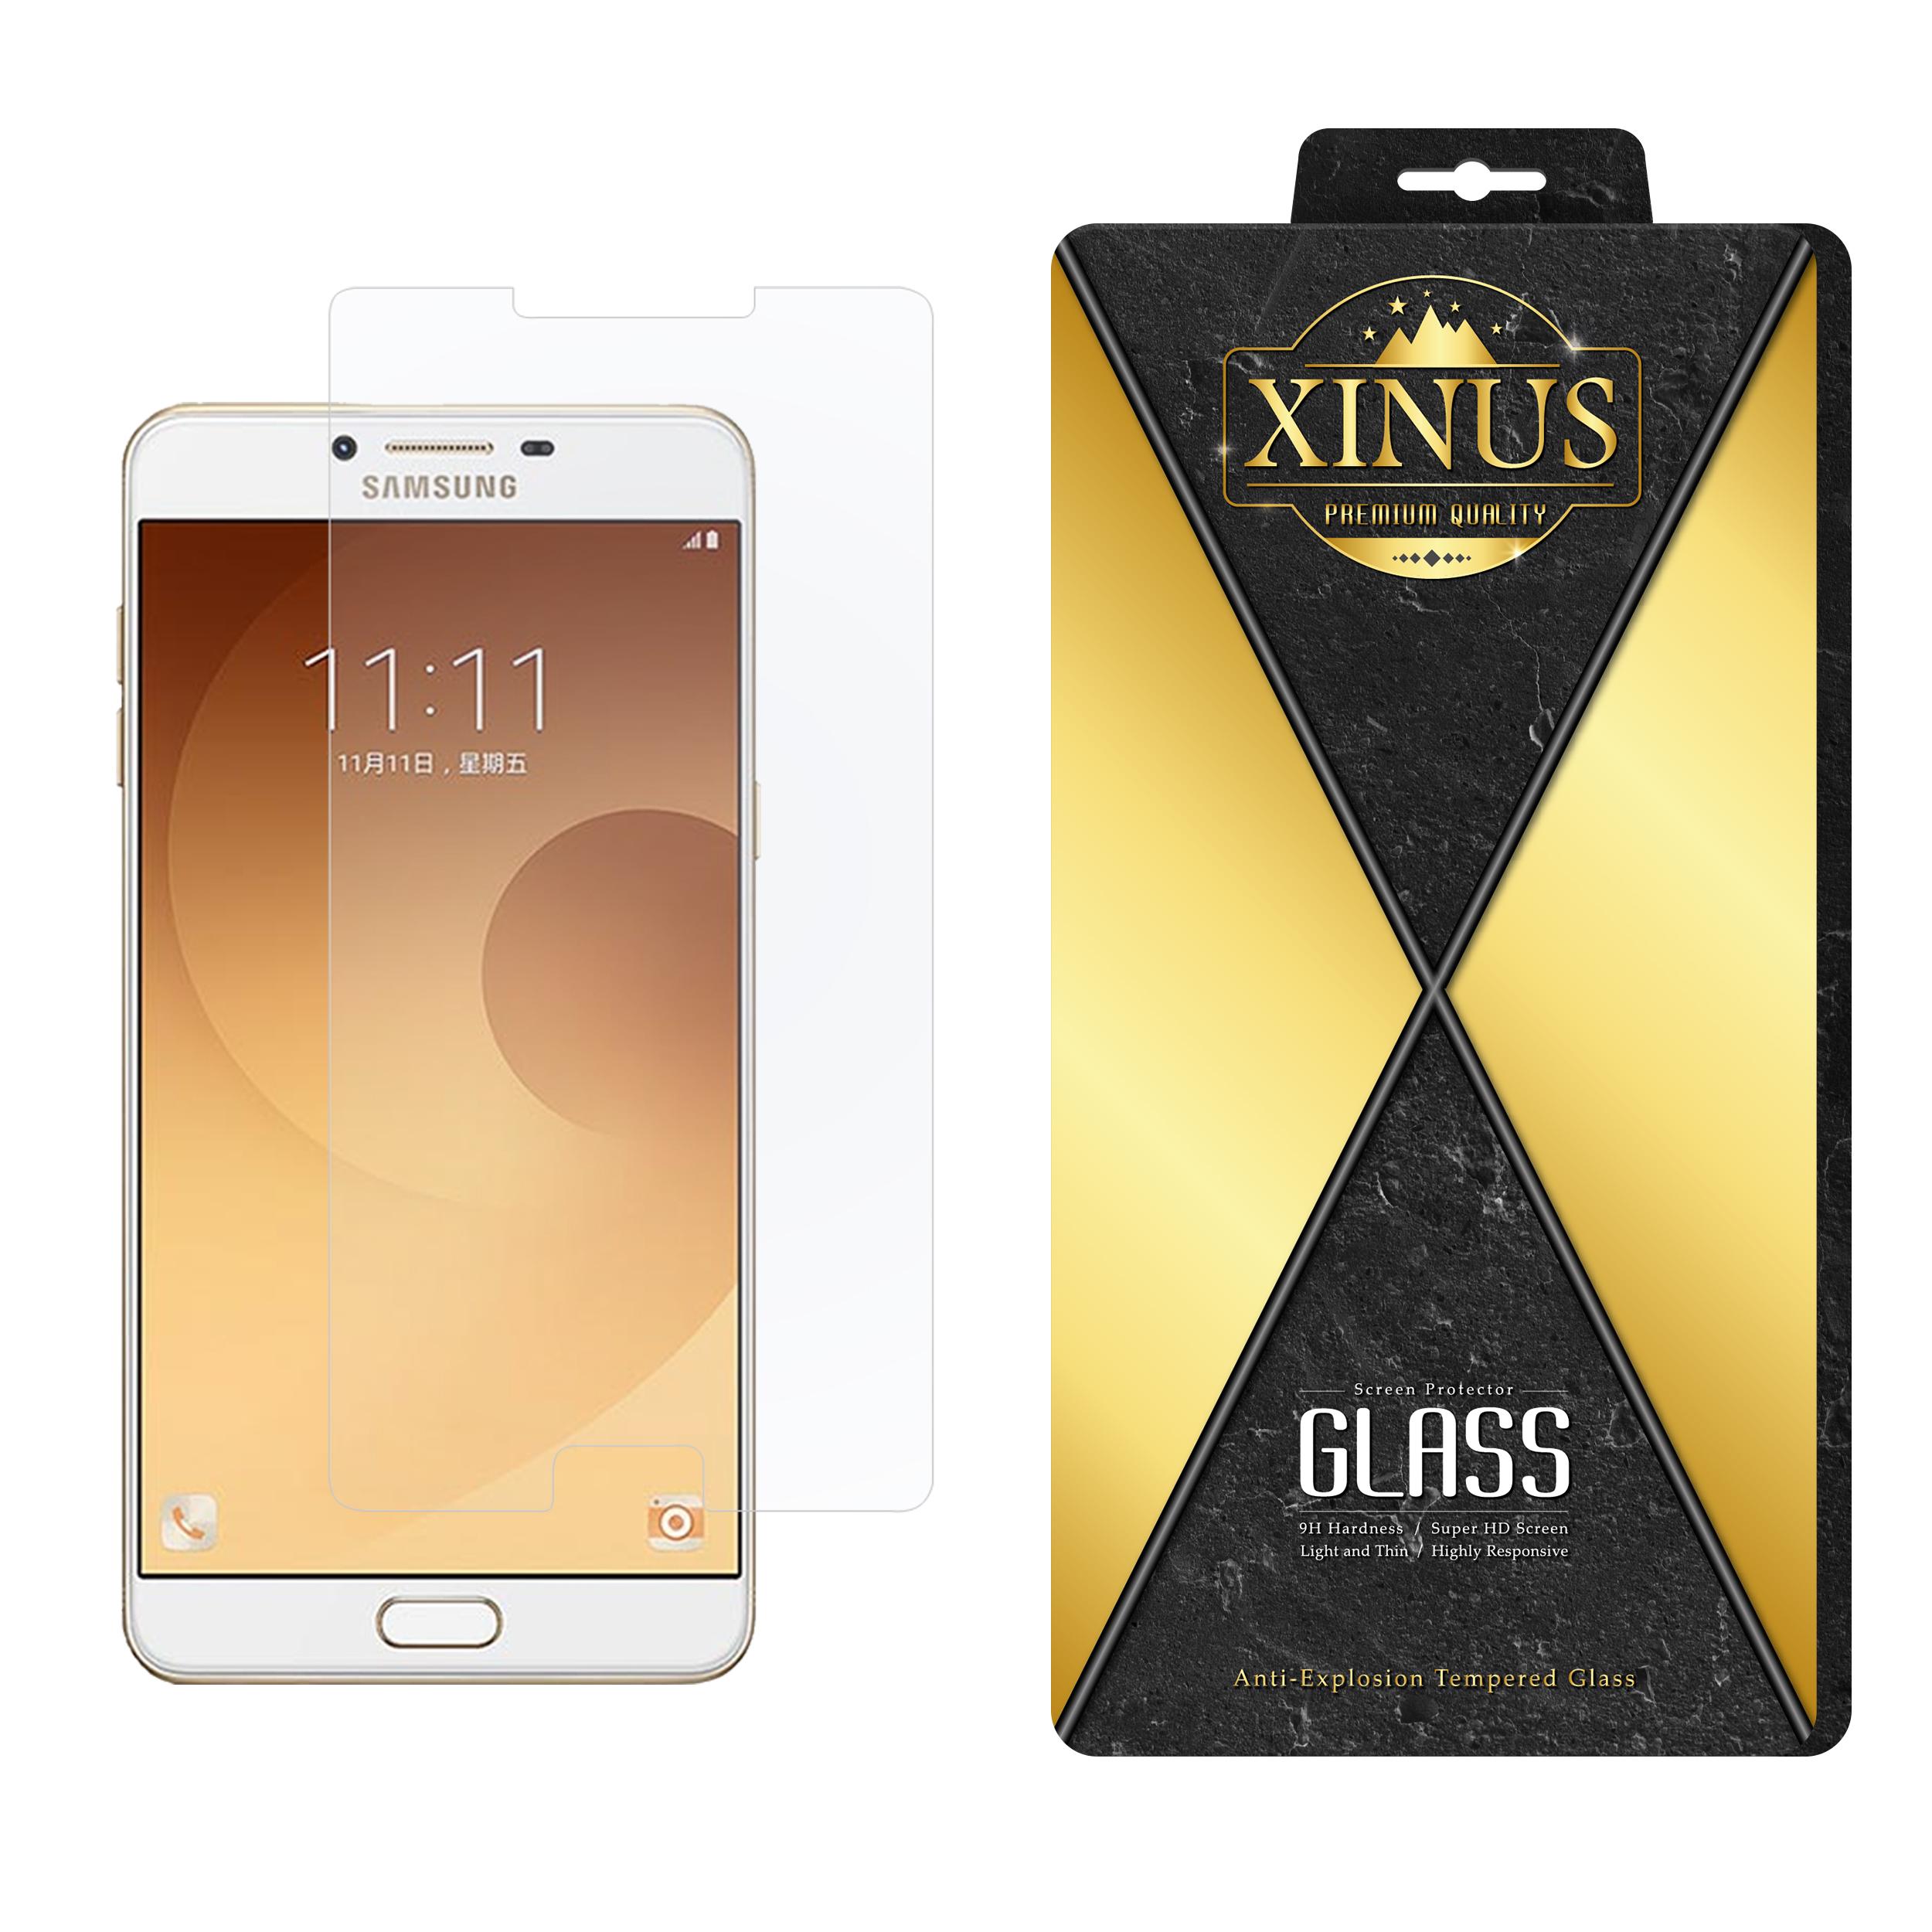 محافظ صفحه نمایش ژینوس مدل SPX مناسب برای گوشی موبایل سامسونگ Galaxy C9 Pro